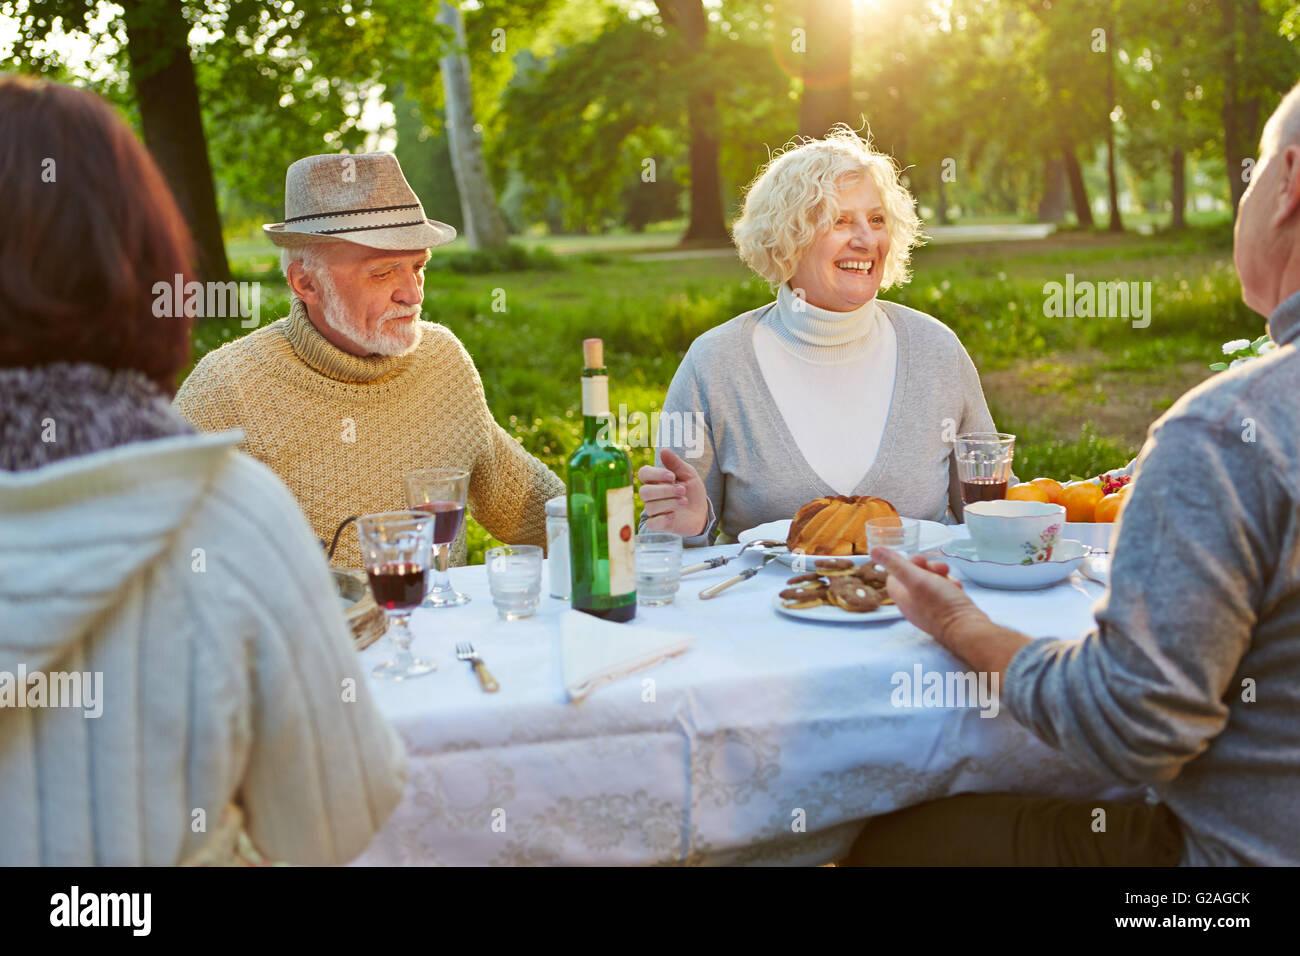 Glückliche Familie mit Senioren feiert Geburtstag in einem Garten im Sommer Stockbild